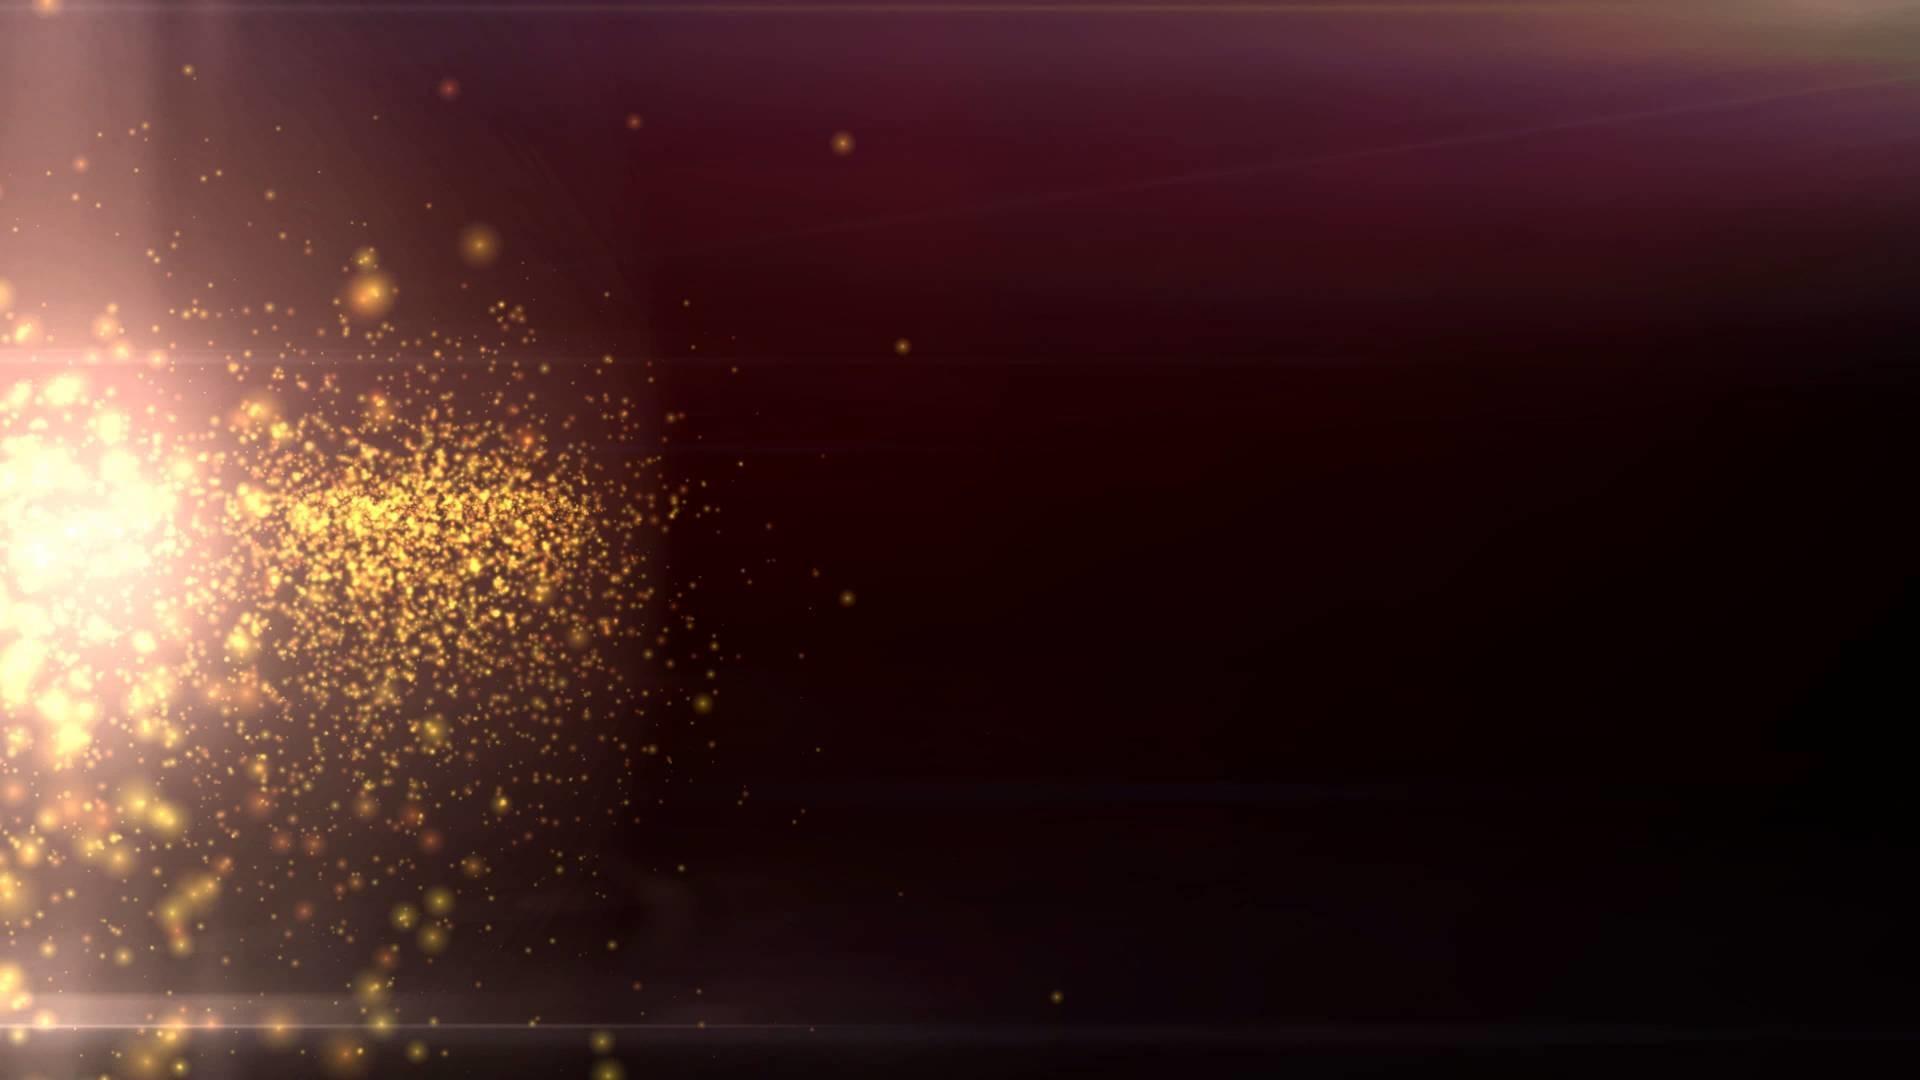 4K UHD Sparkling Flames Purple Orange Jumble Background Animation – YouTube